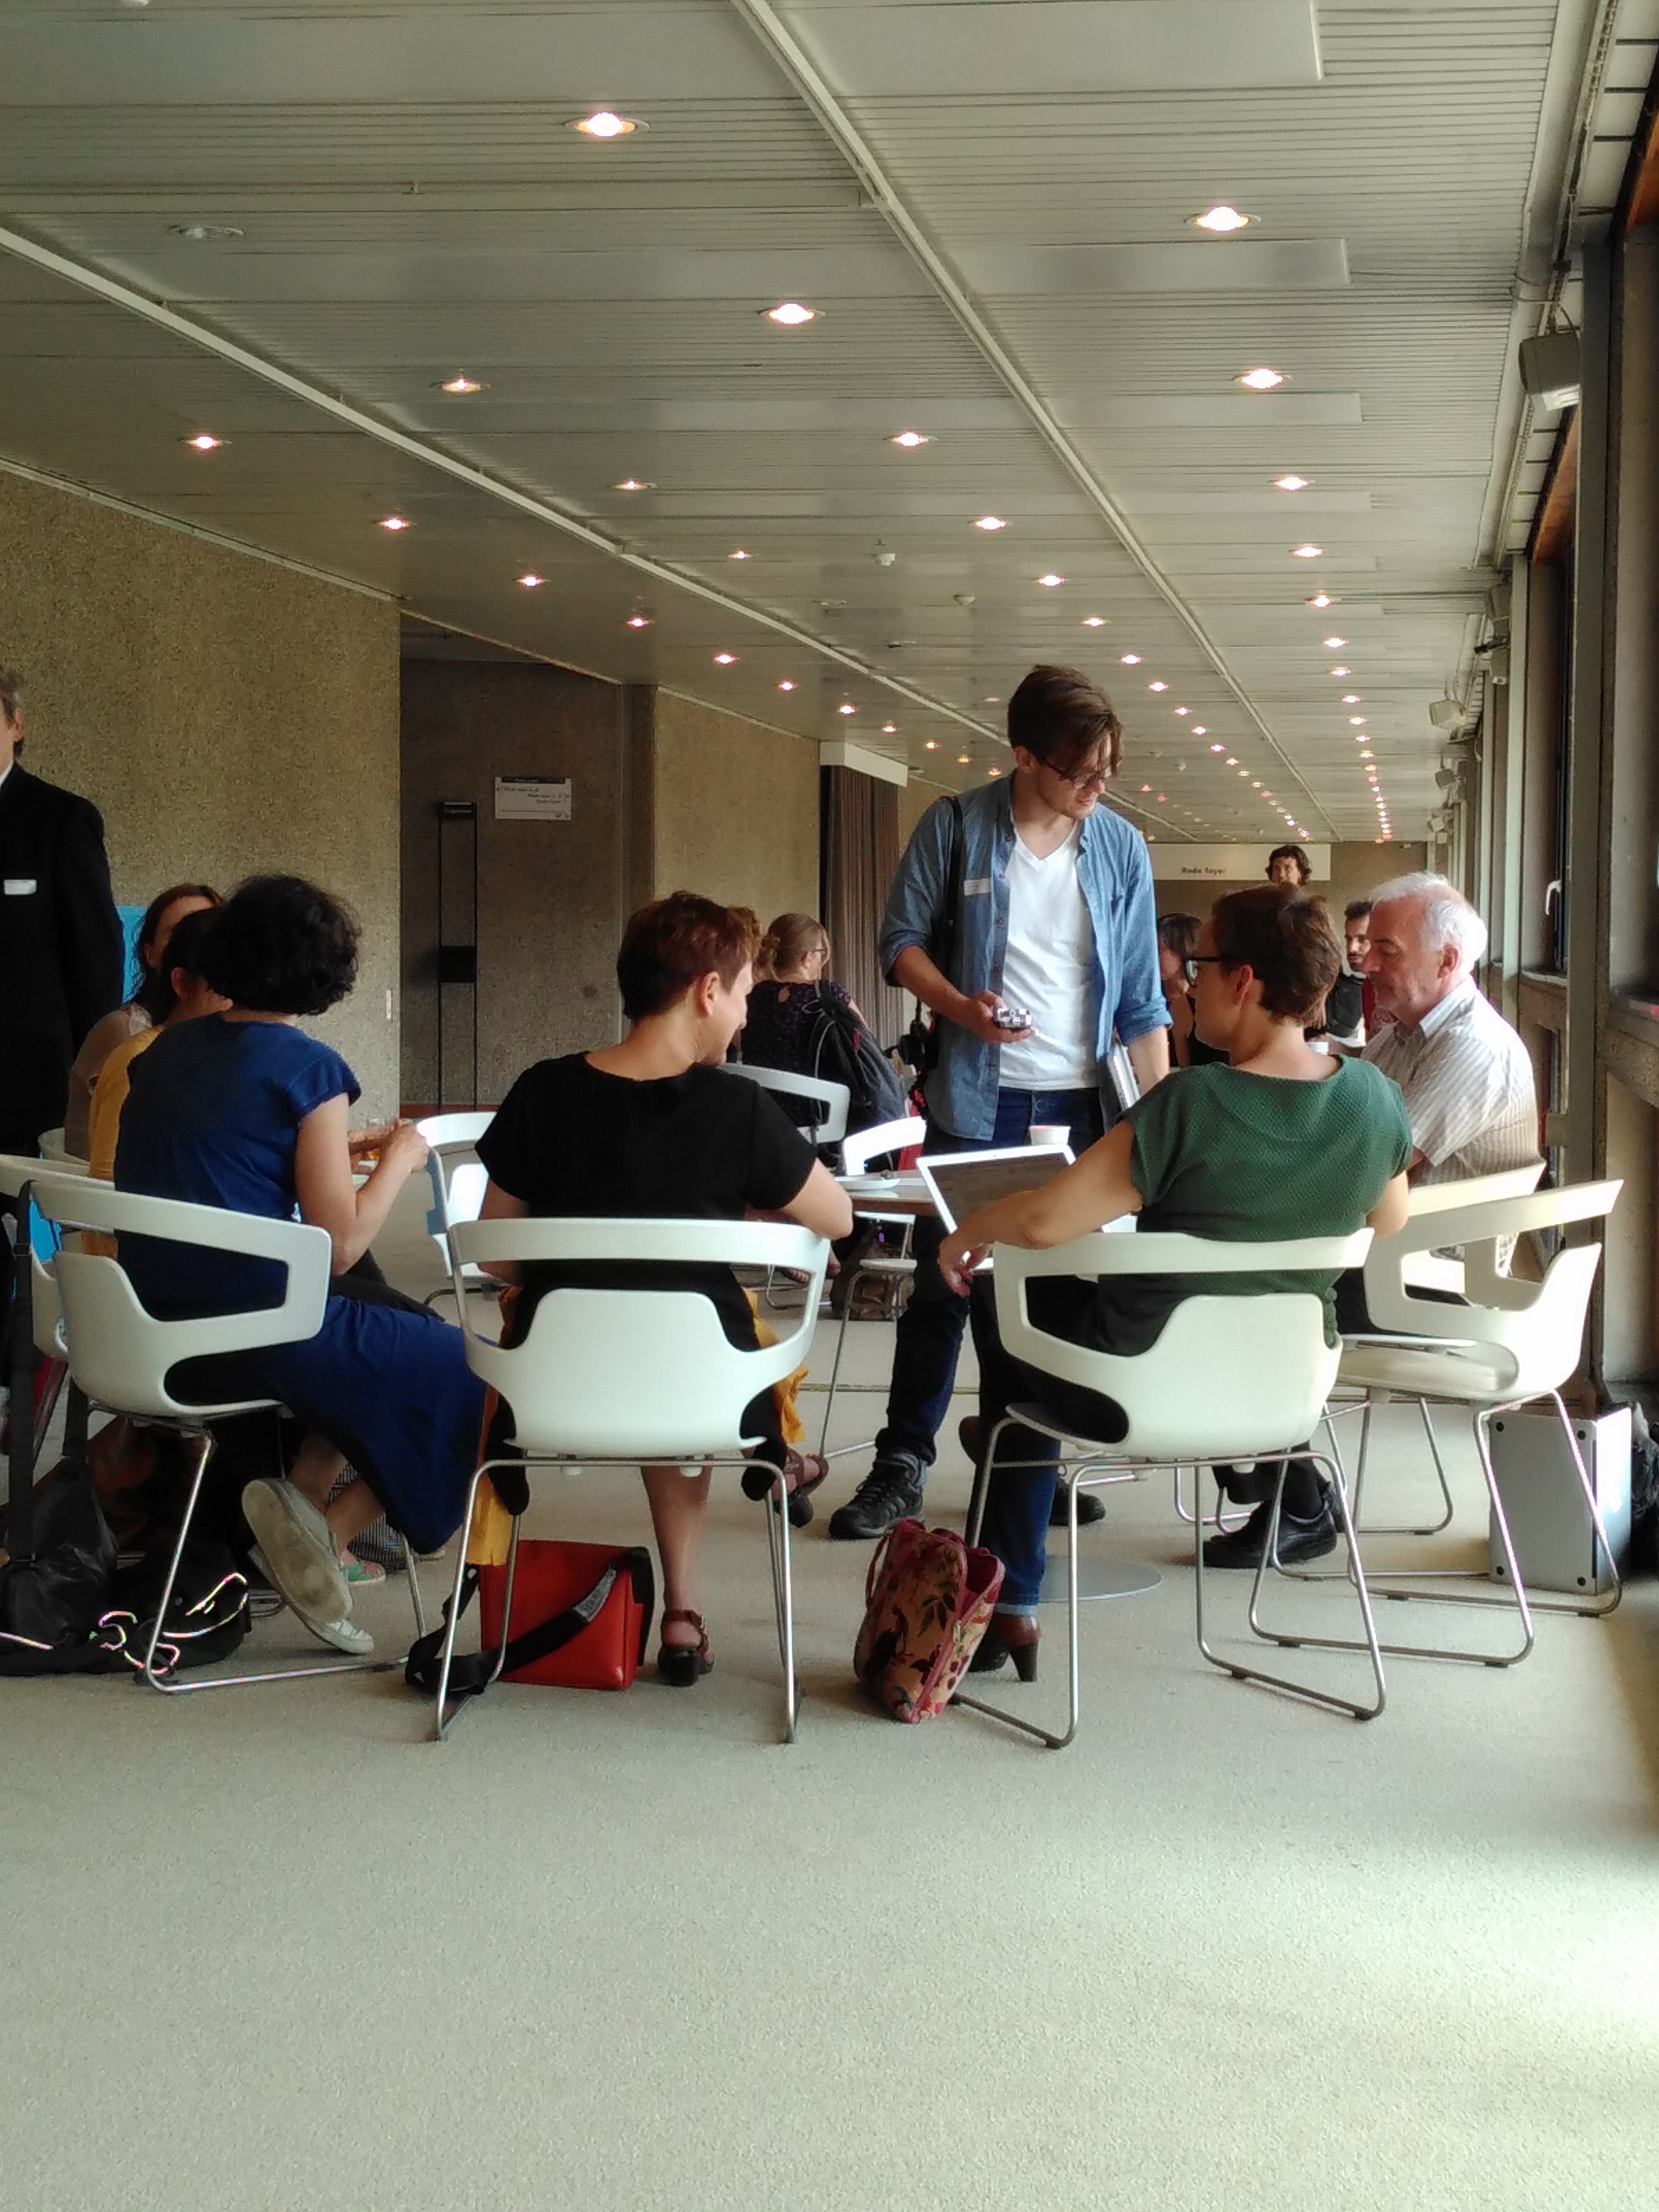 PACKED vzw organiseerde in samenwerking met alle partners uit het TRACKS-netwerk op 23 juni 2016 een derde ontmoetingsmoment omtrent archief- en collectiezorg in de kunstensector. Het verslag vind je nu online.